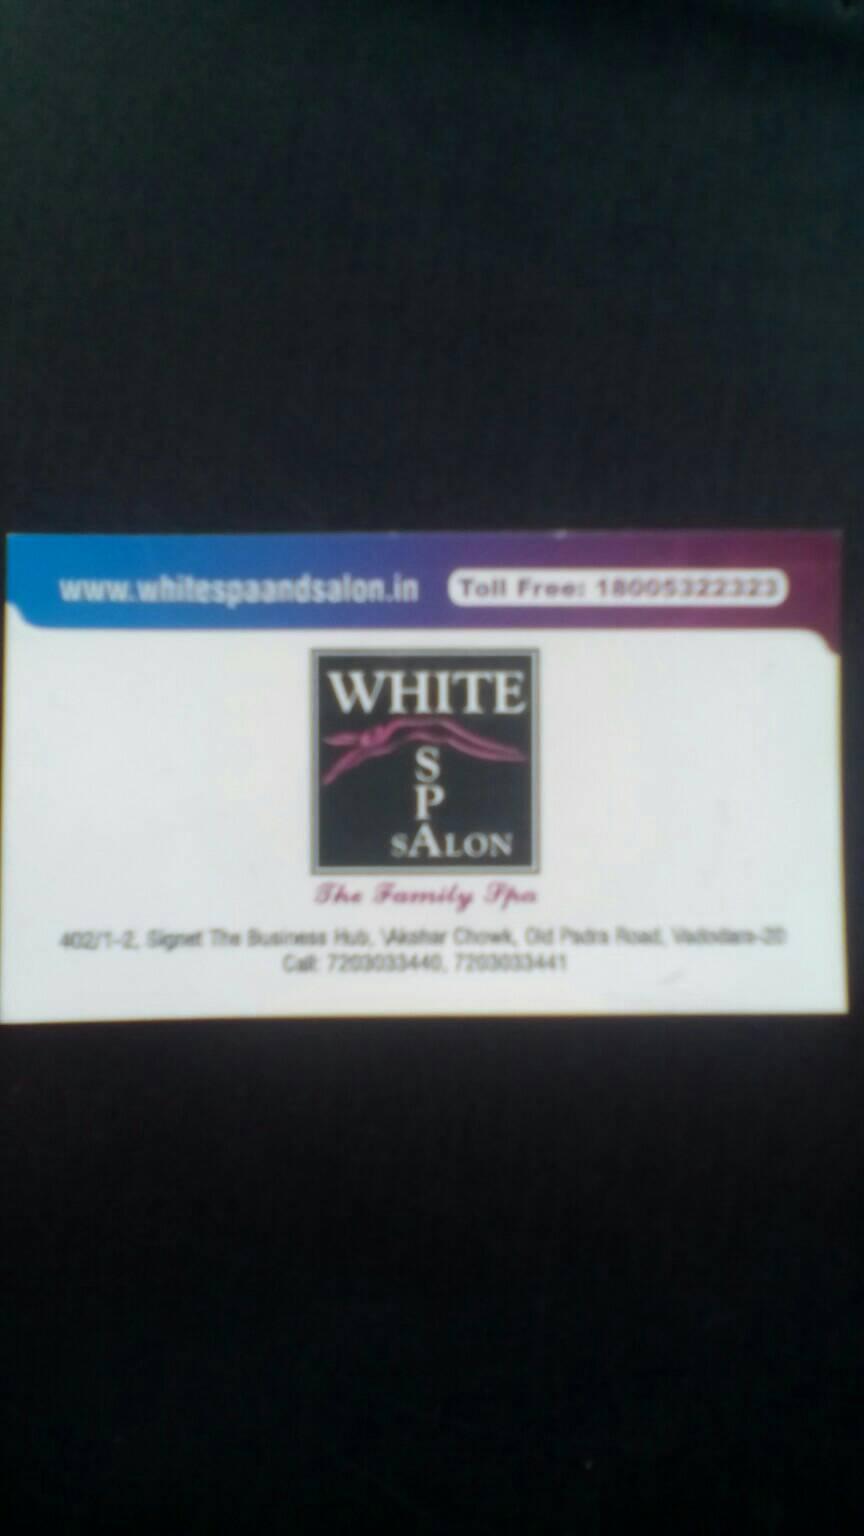 WHITE SPA AND SALON